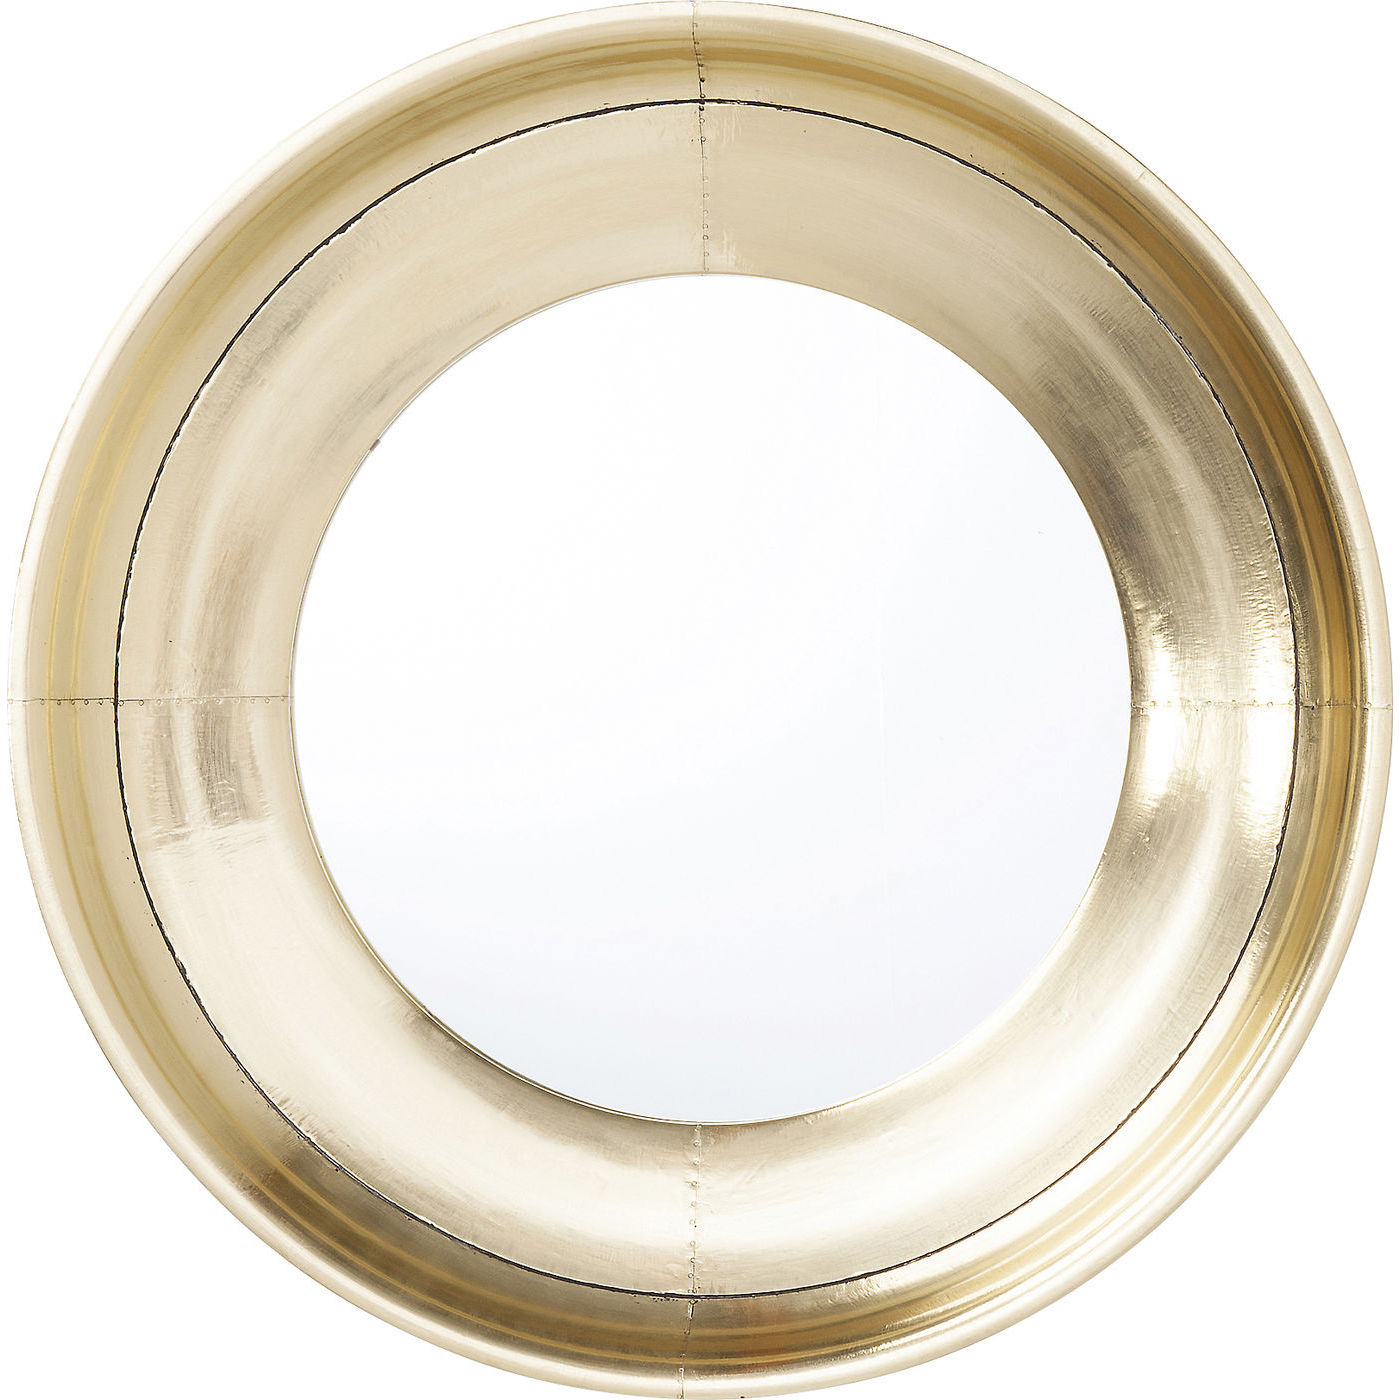 Kare design crudo vægspejl - spejlglas/messing, rundt (ø80) fra kare design fra boboonline.dk